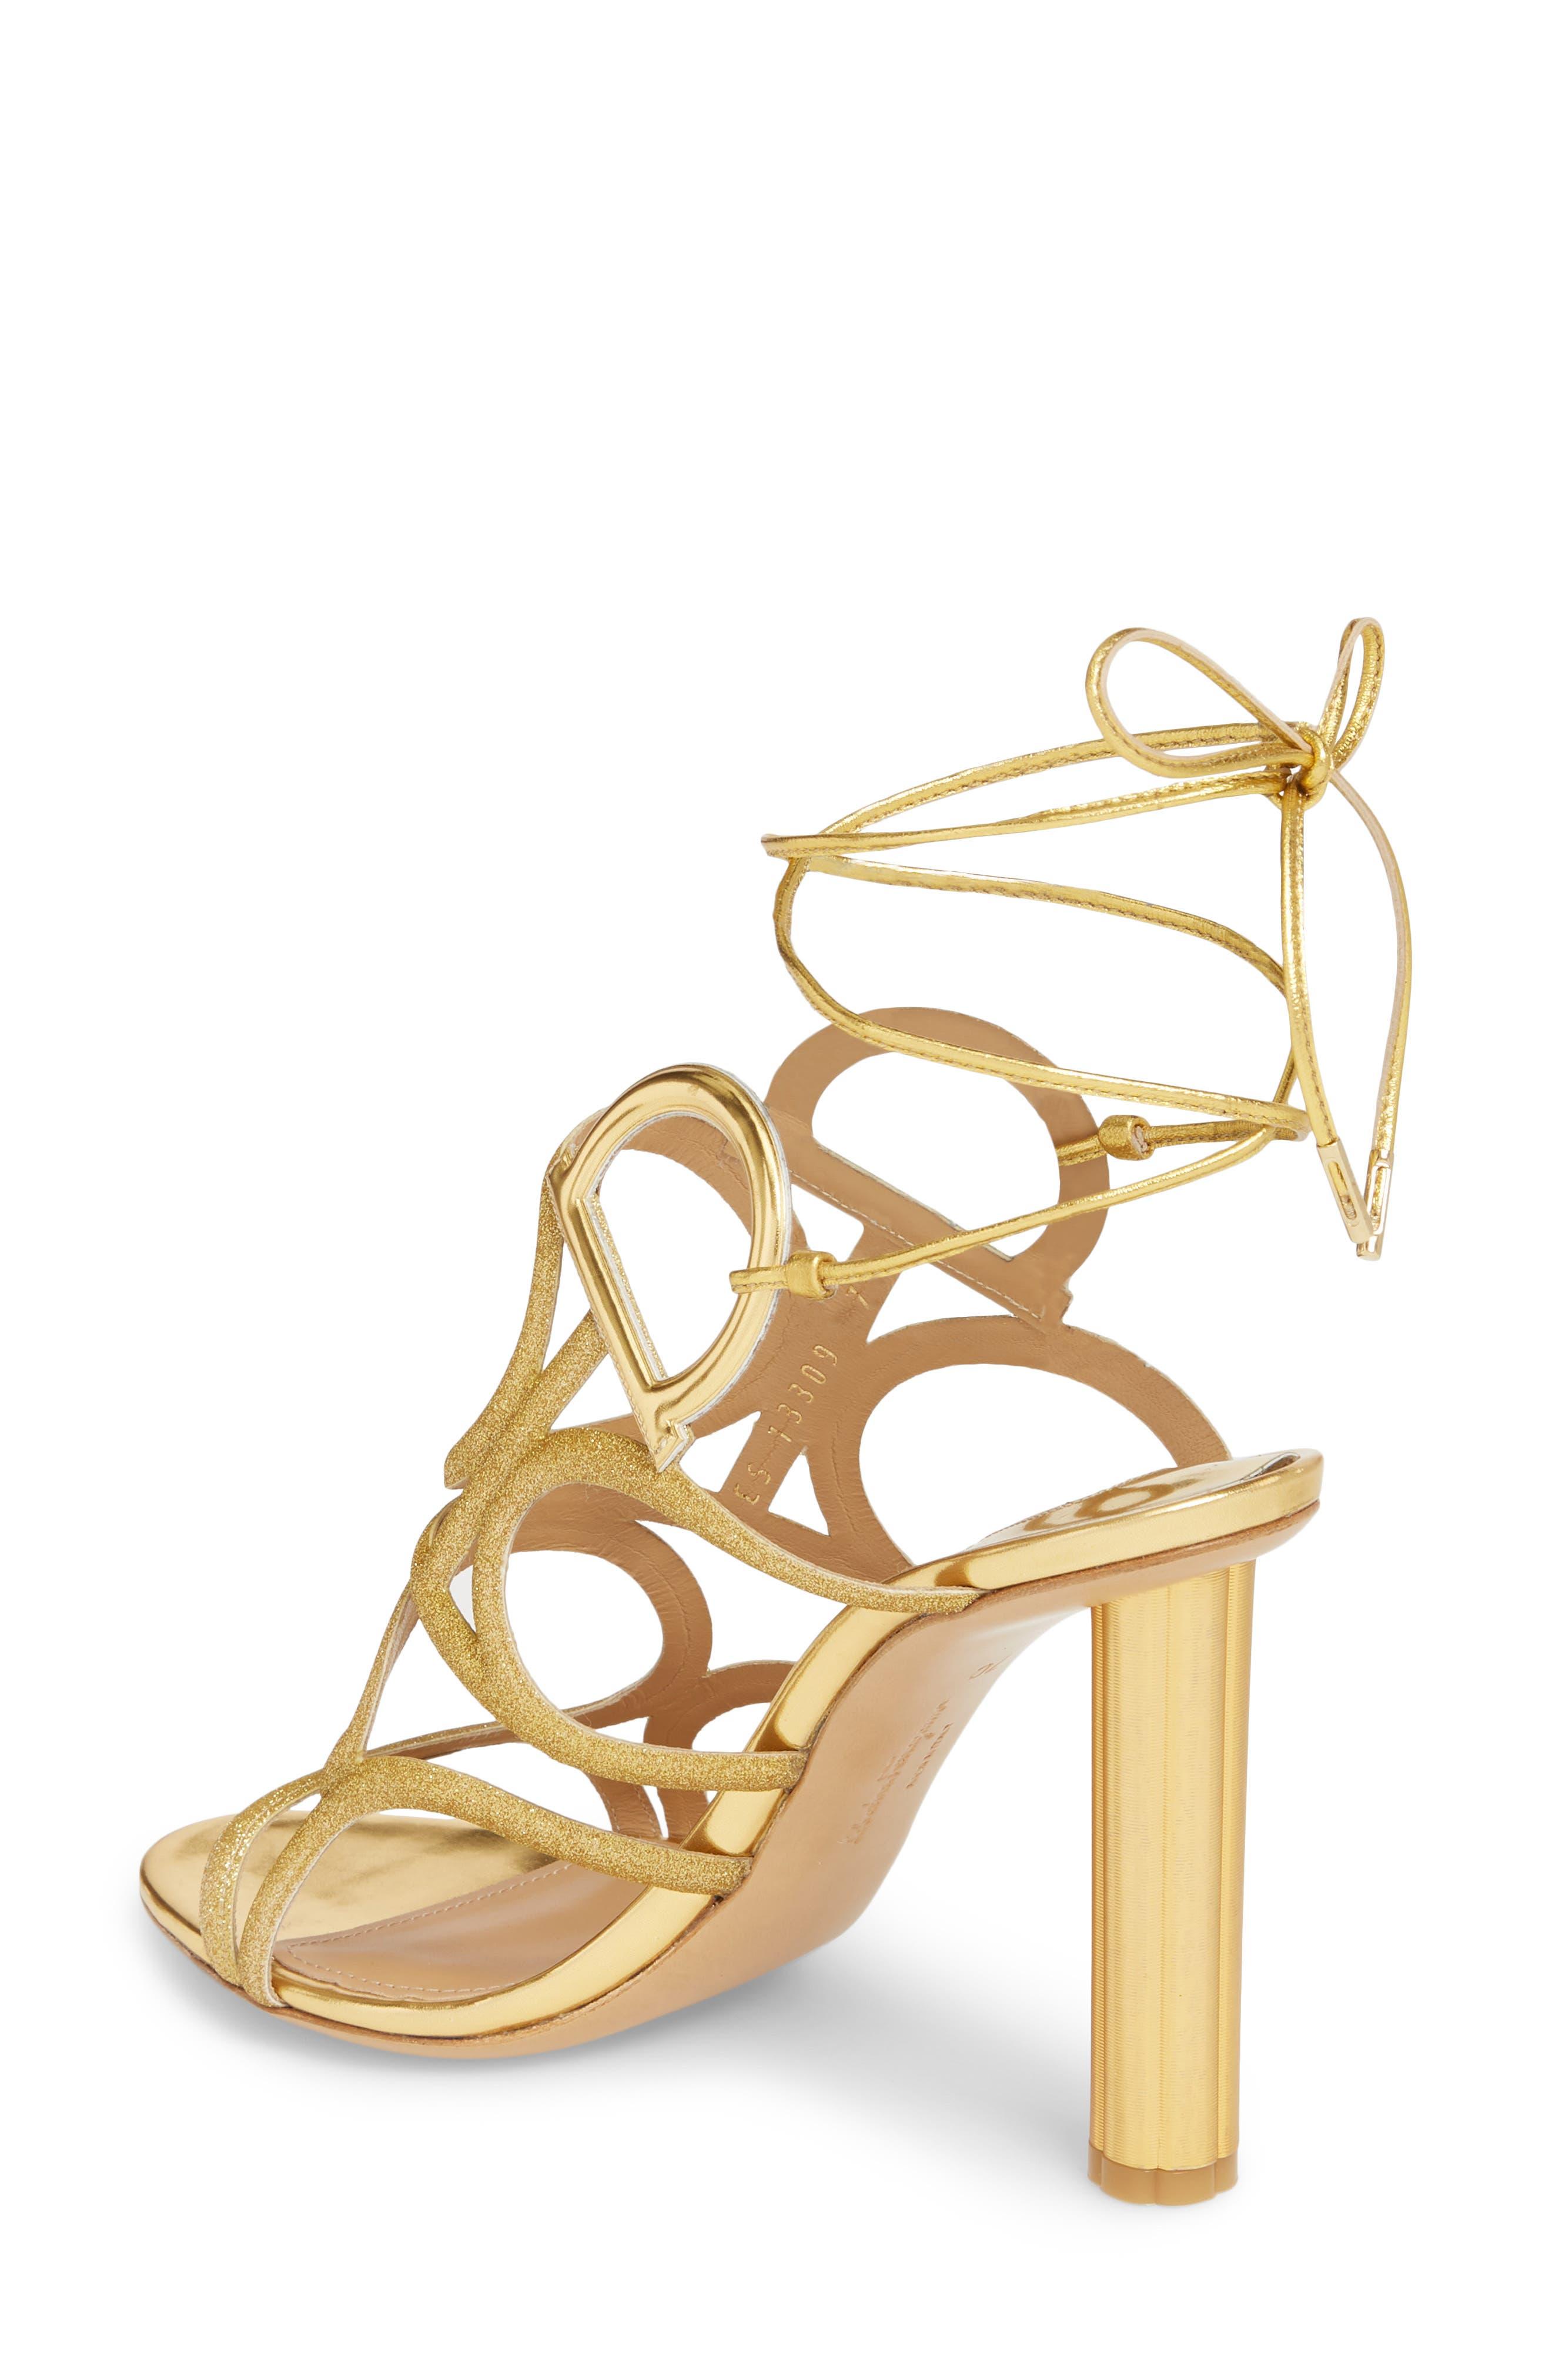 Vinci Lace-Up Sandal,                             Alternate thumbnail 2, color,                             Gold